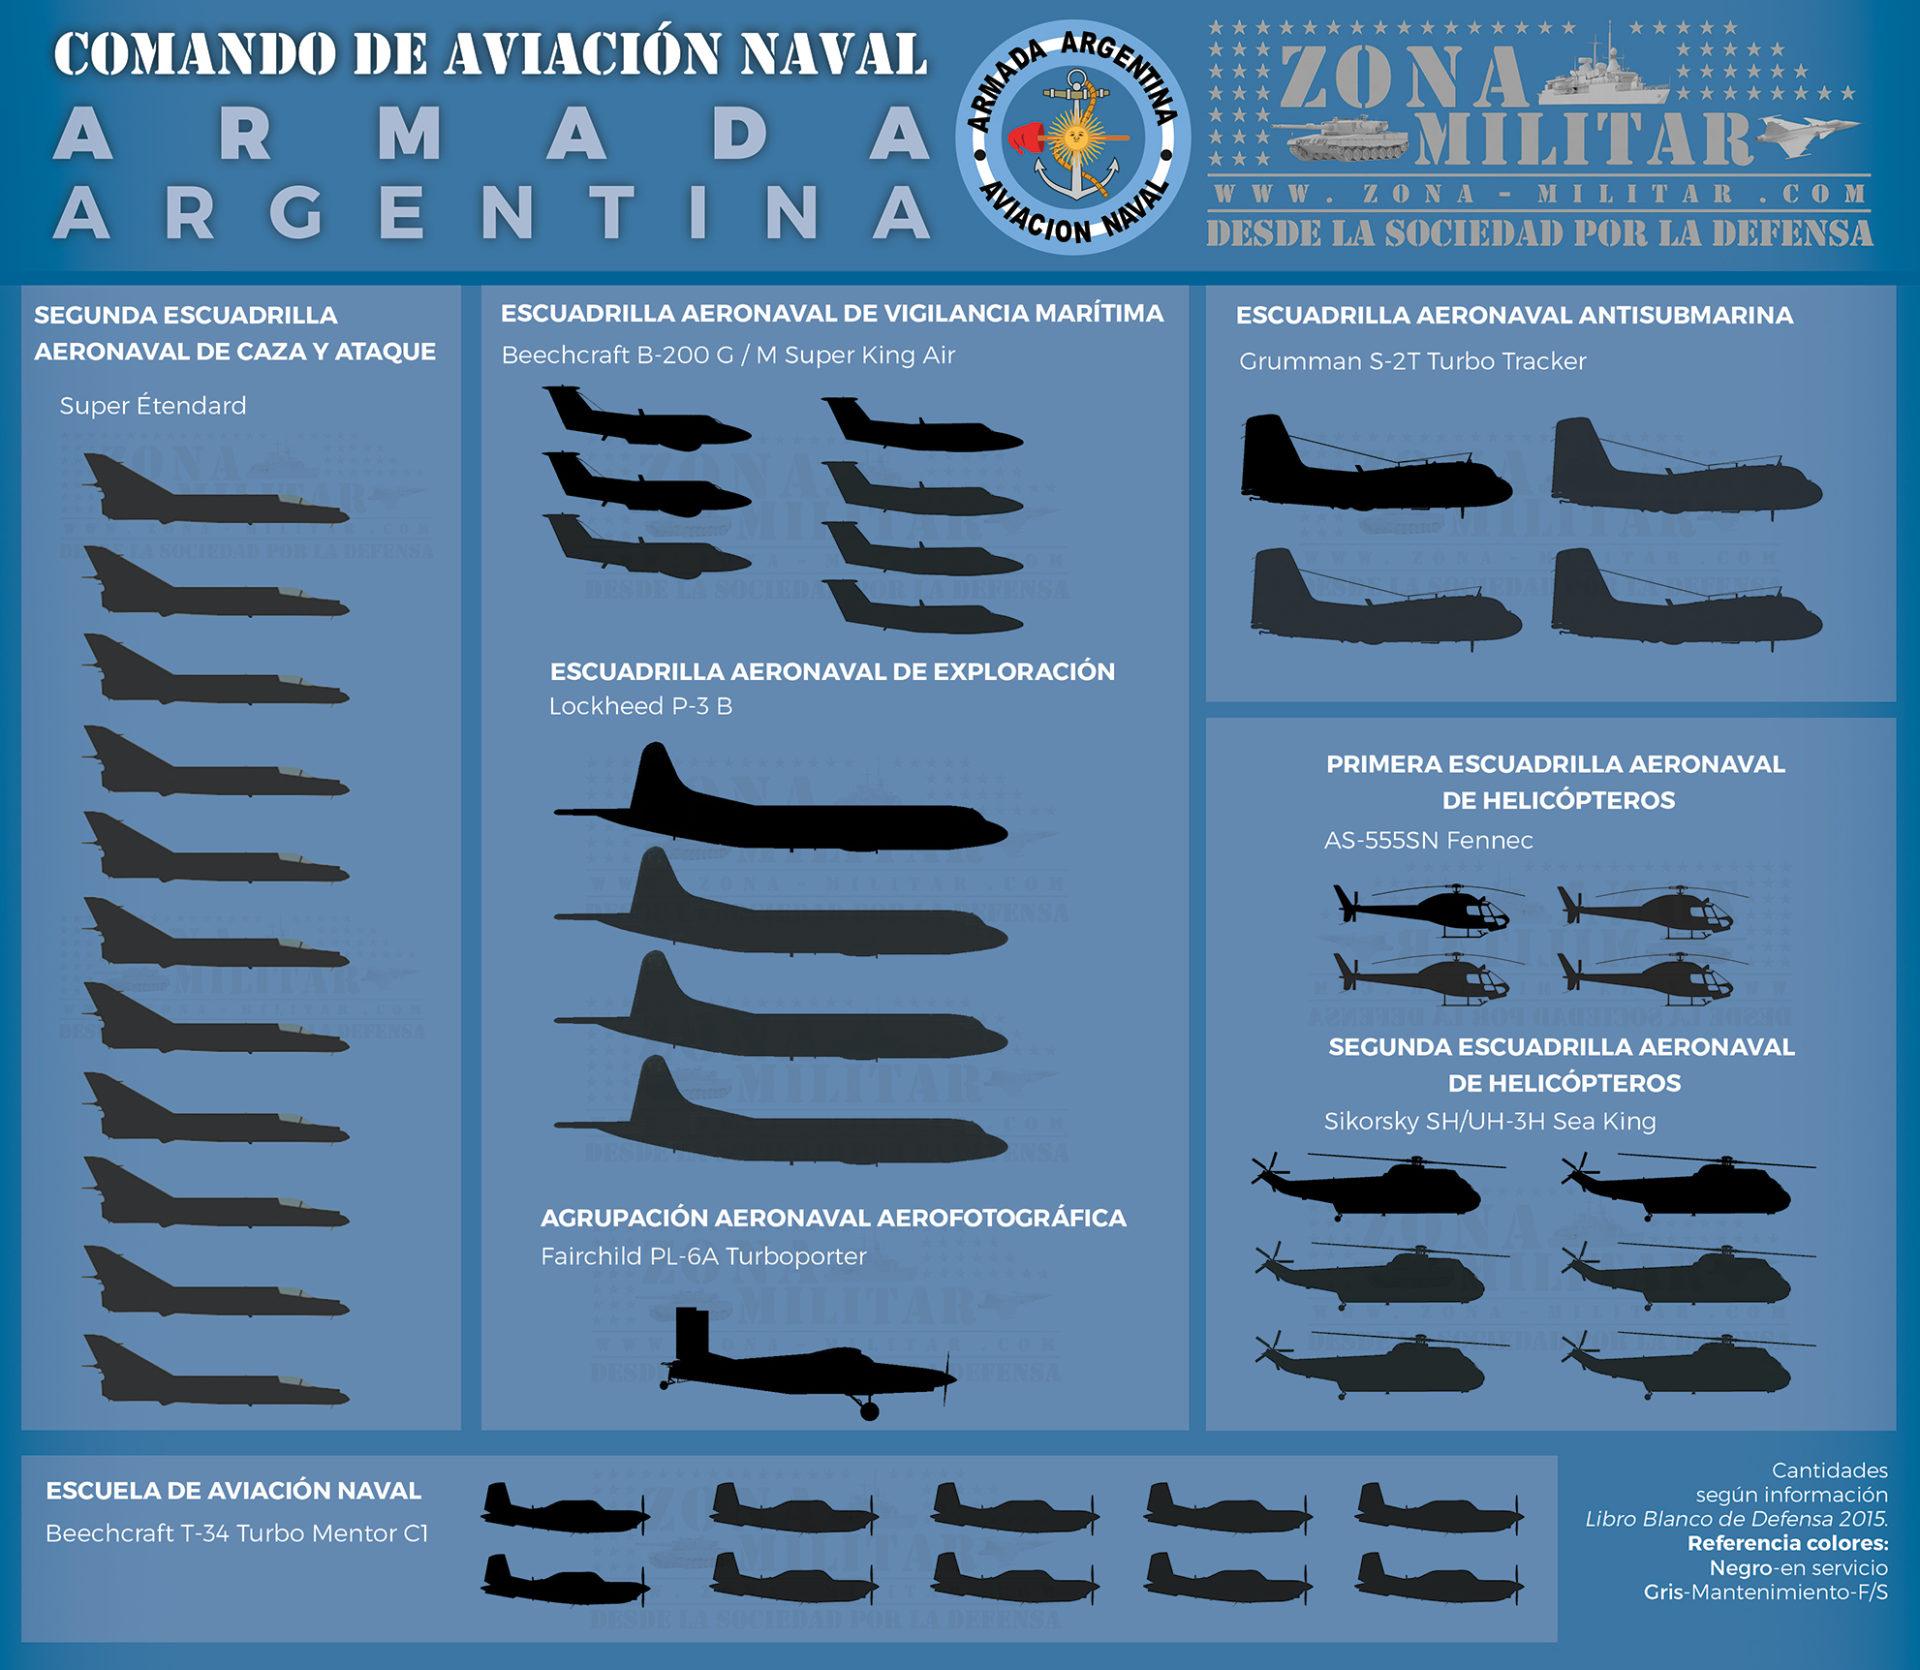 Acción Militar - Página 296 - Noticiero Digital